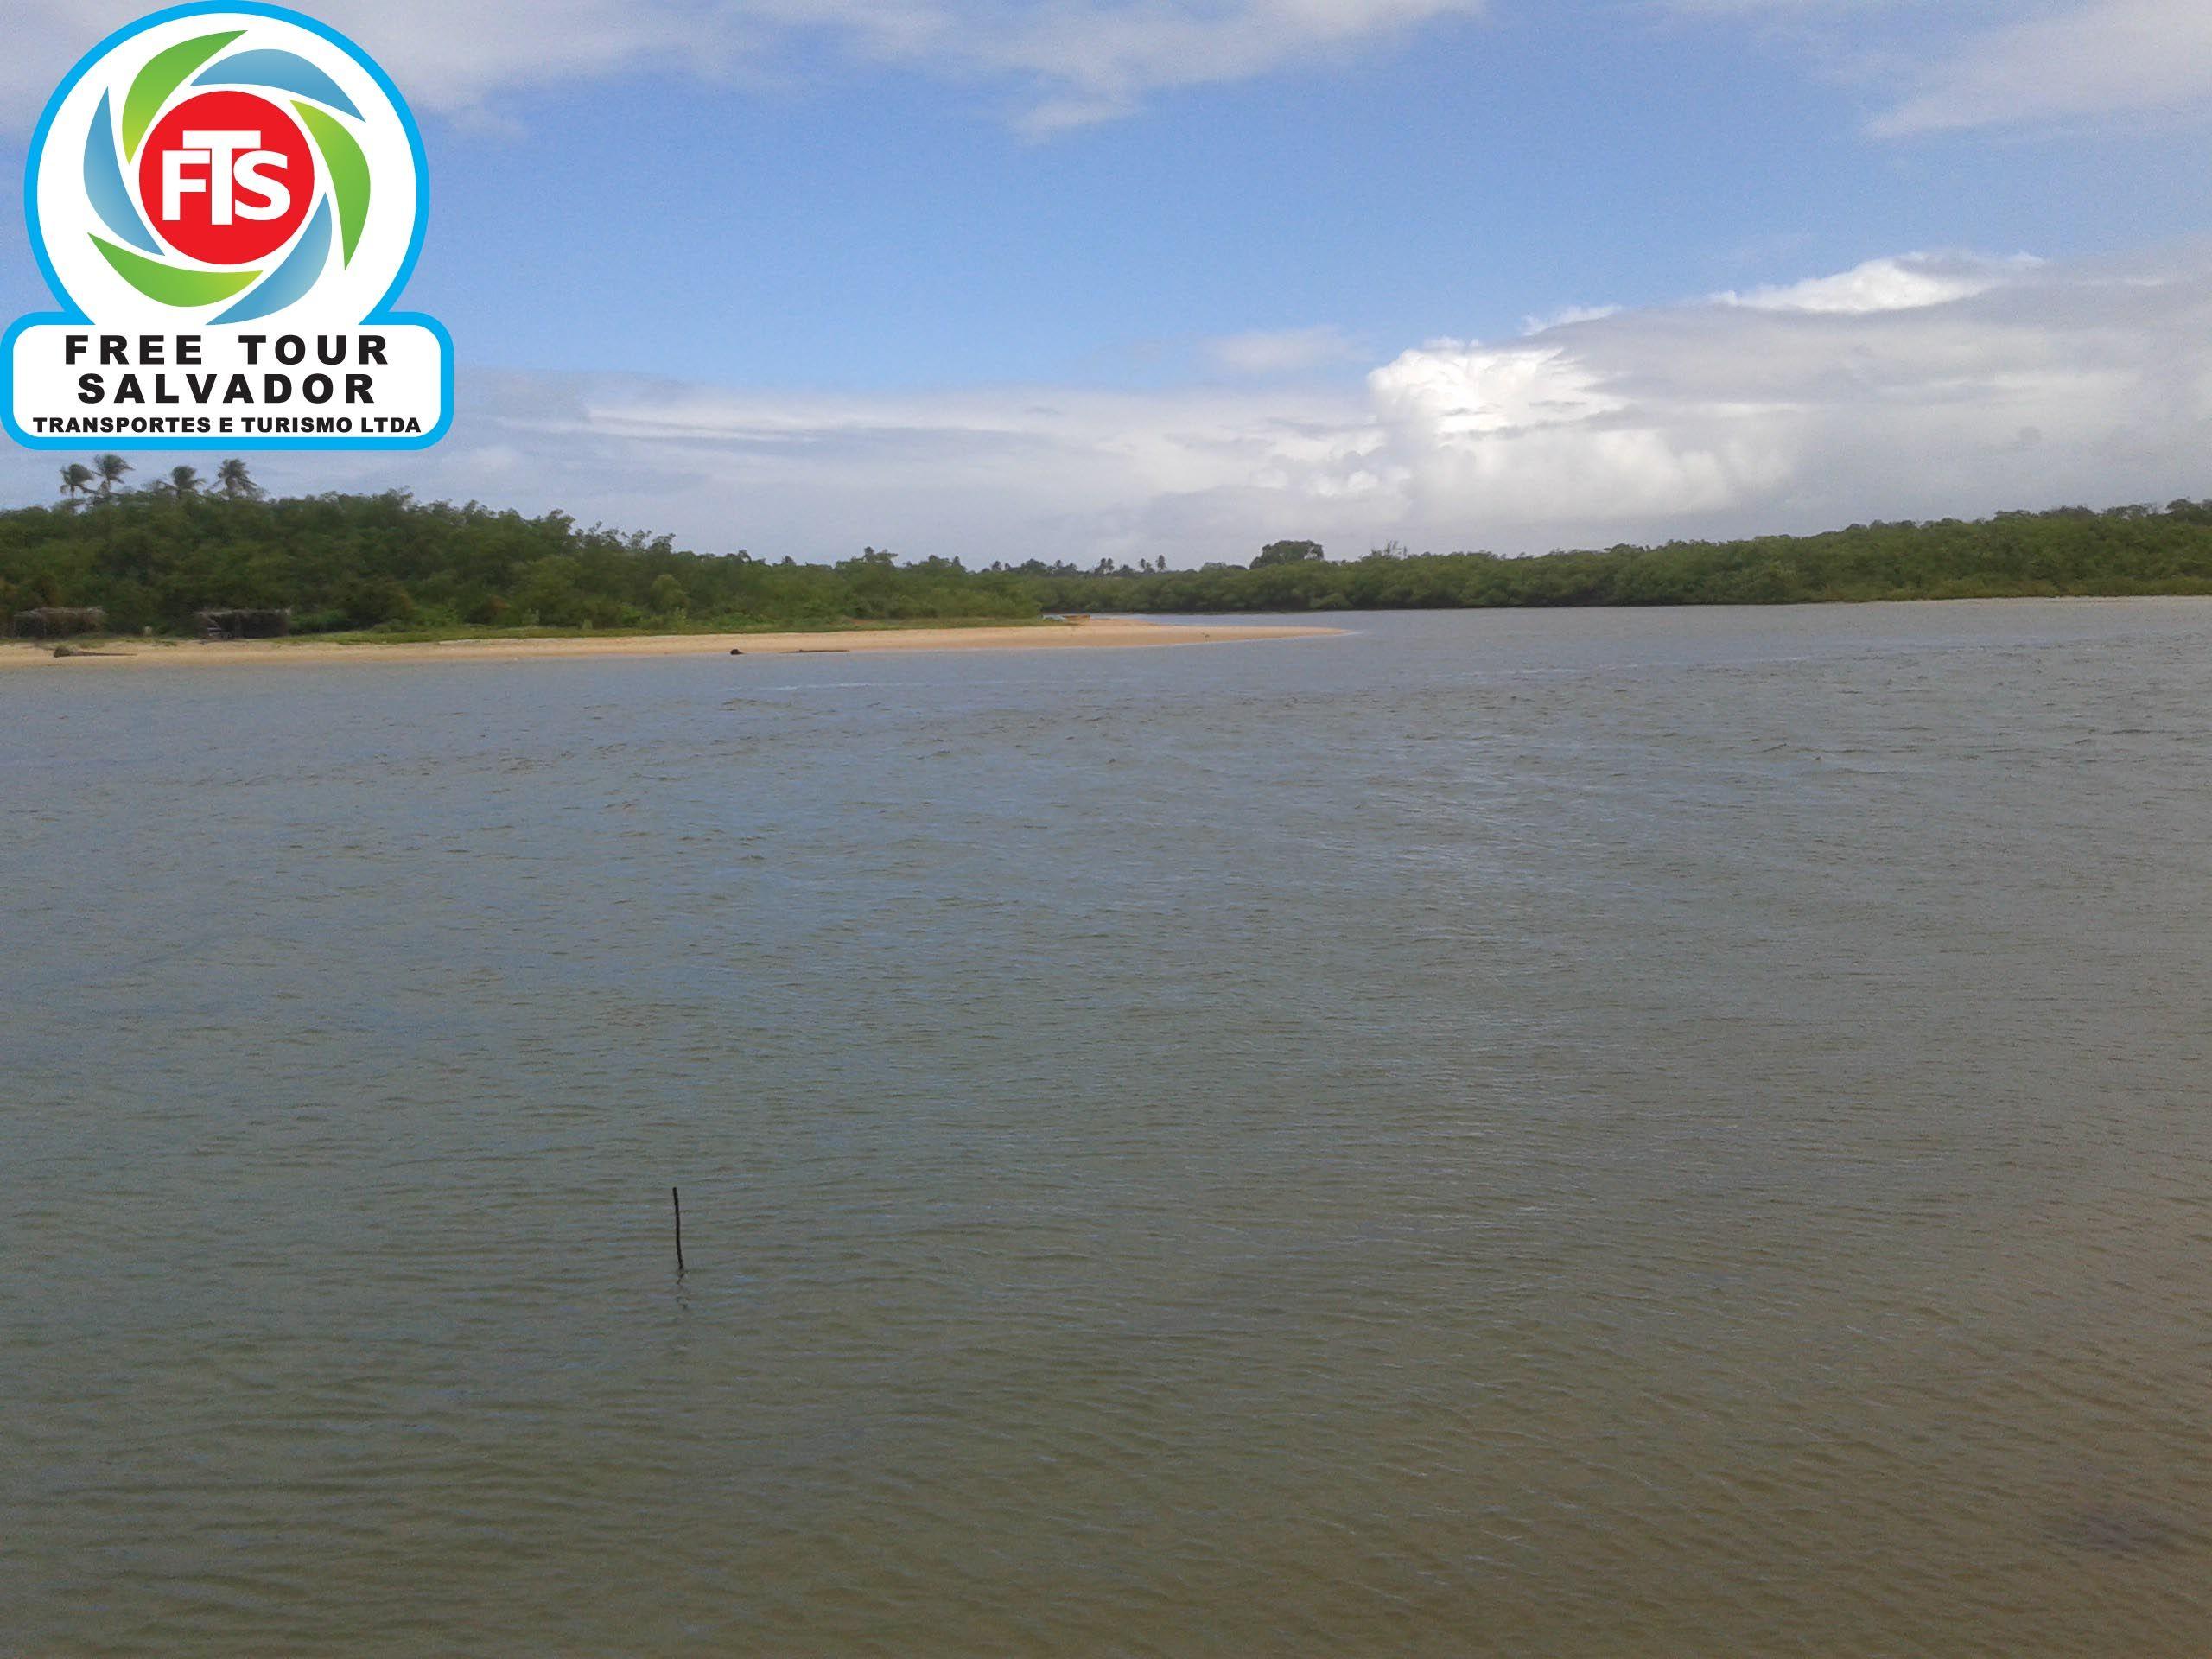 Passeio A Praia Do Forte Barra Do Jacuipe Https Www